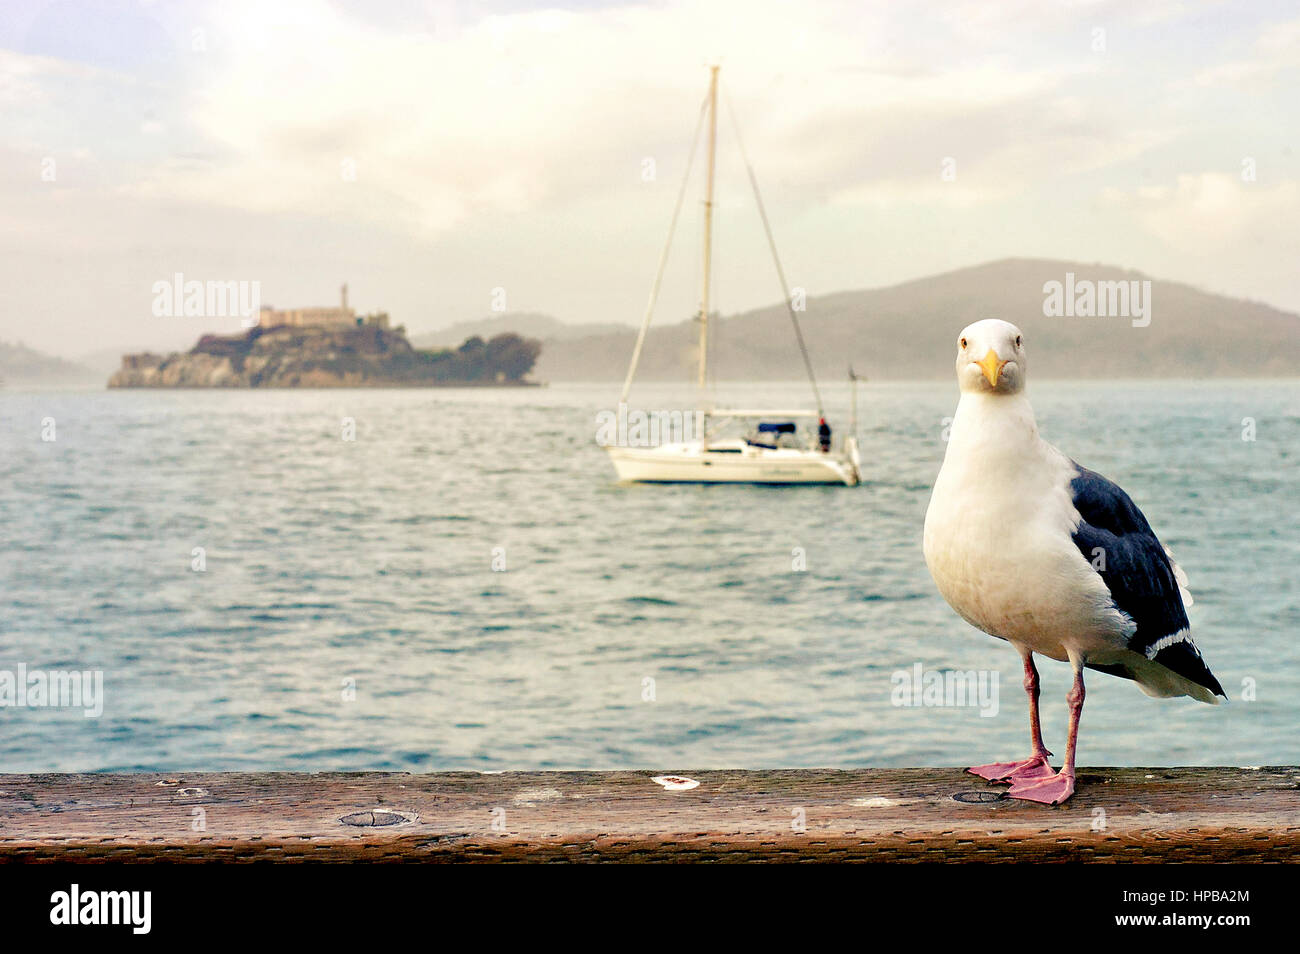 Un gabbiano, barca a vela e una vista dell Isola di Alcatraz. Immagini Stock